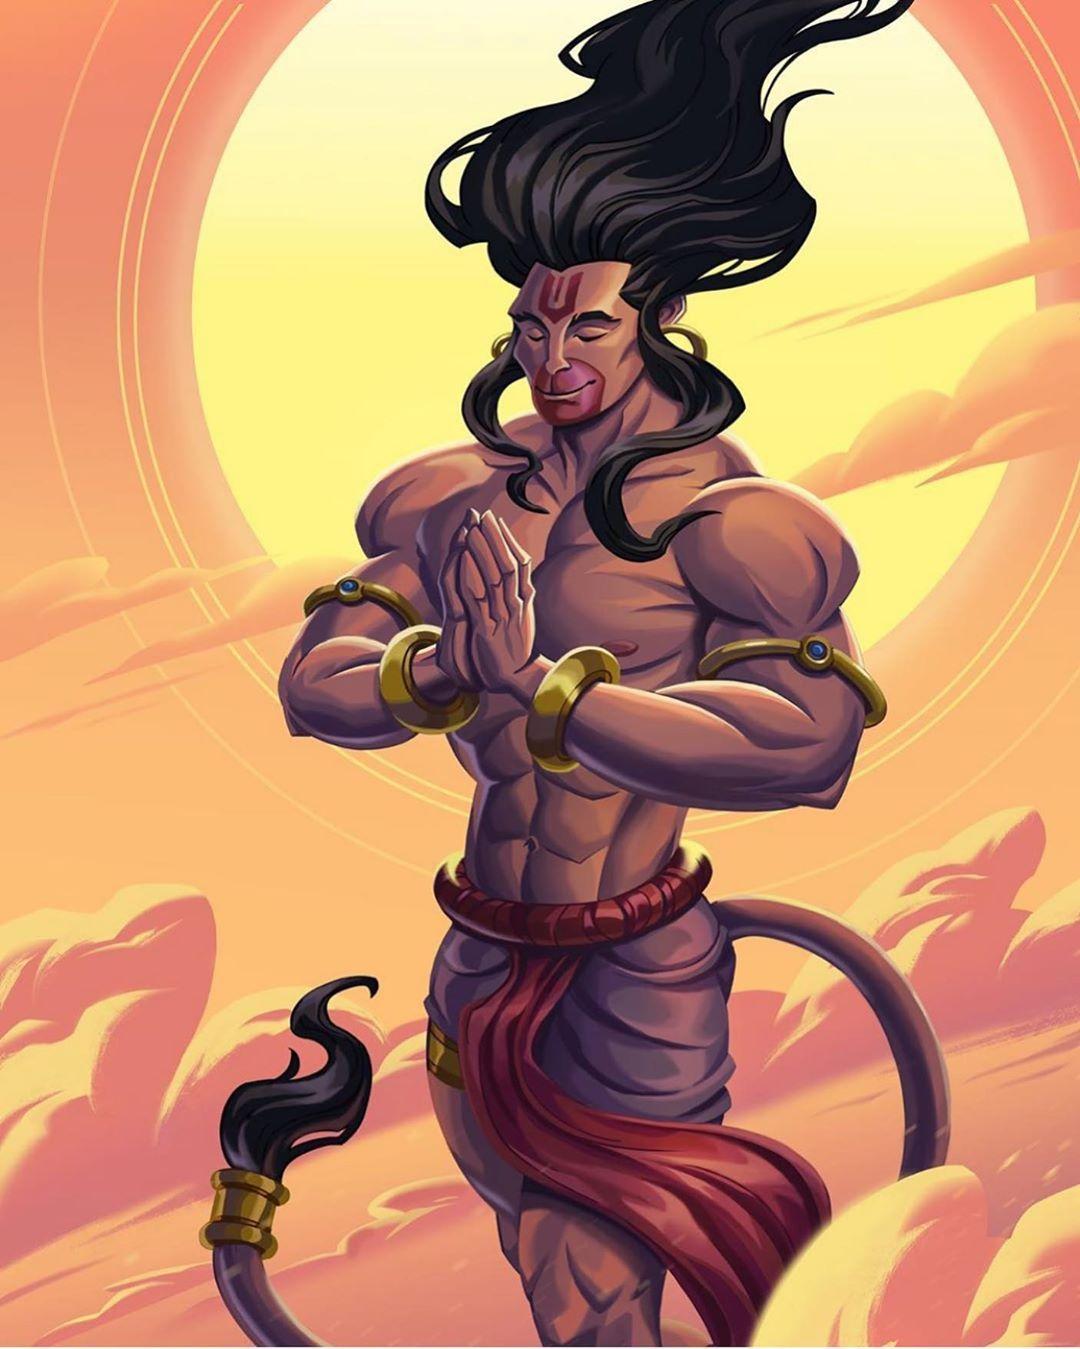 """ॐ  ???? ṠṏṆḭḀ ???? ॐ on Instagram: """"Lovely artwork of Hanuman ji"""